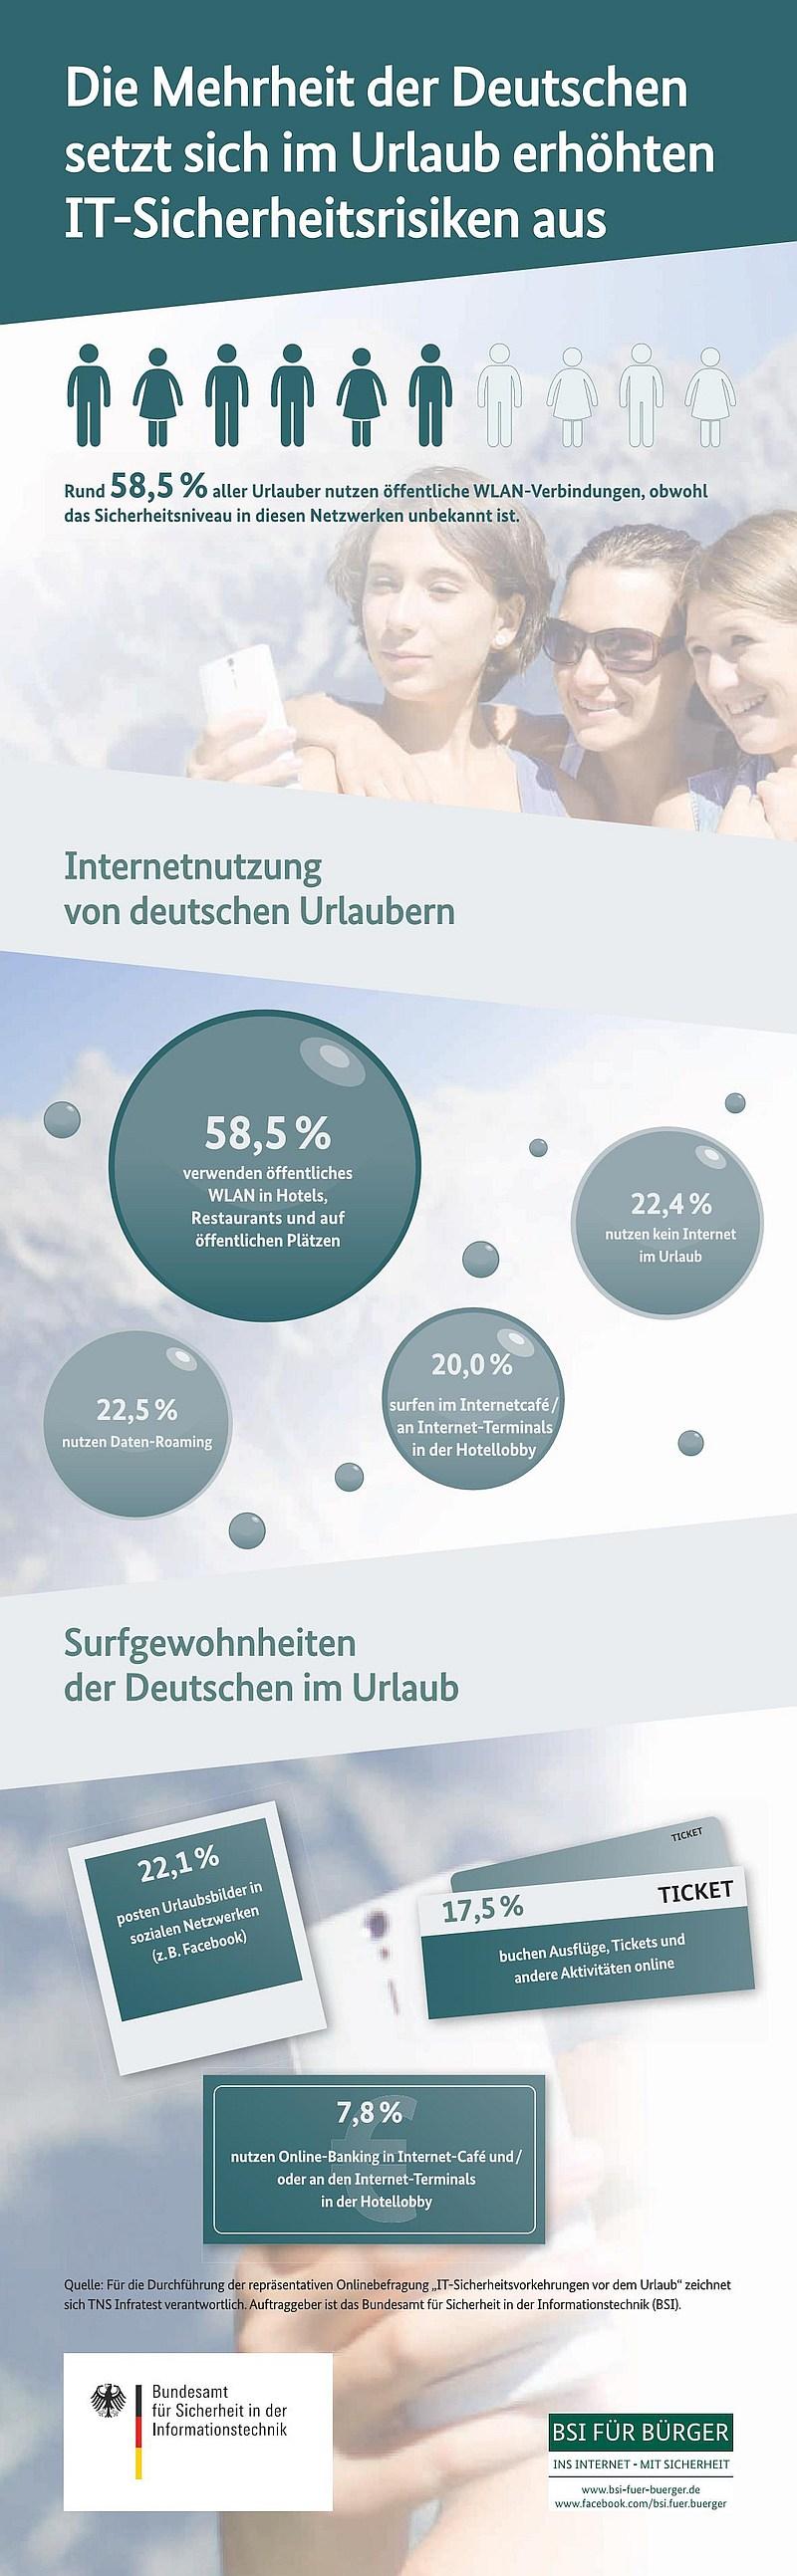 infografik bsi umfrage_im_urlaub it-sicherheitsrisiken